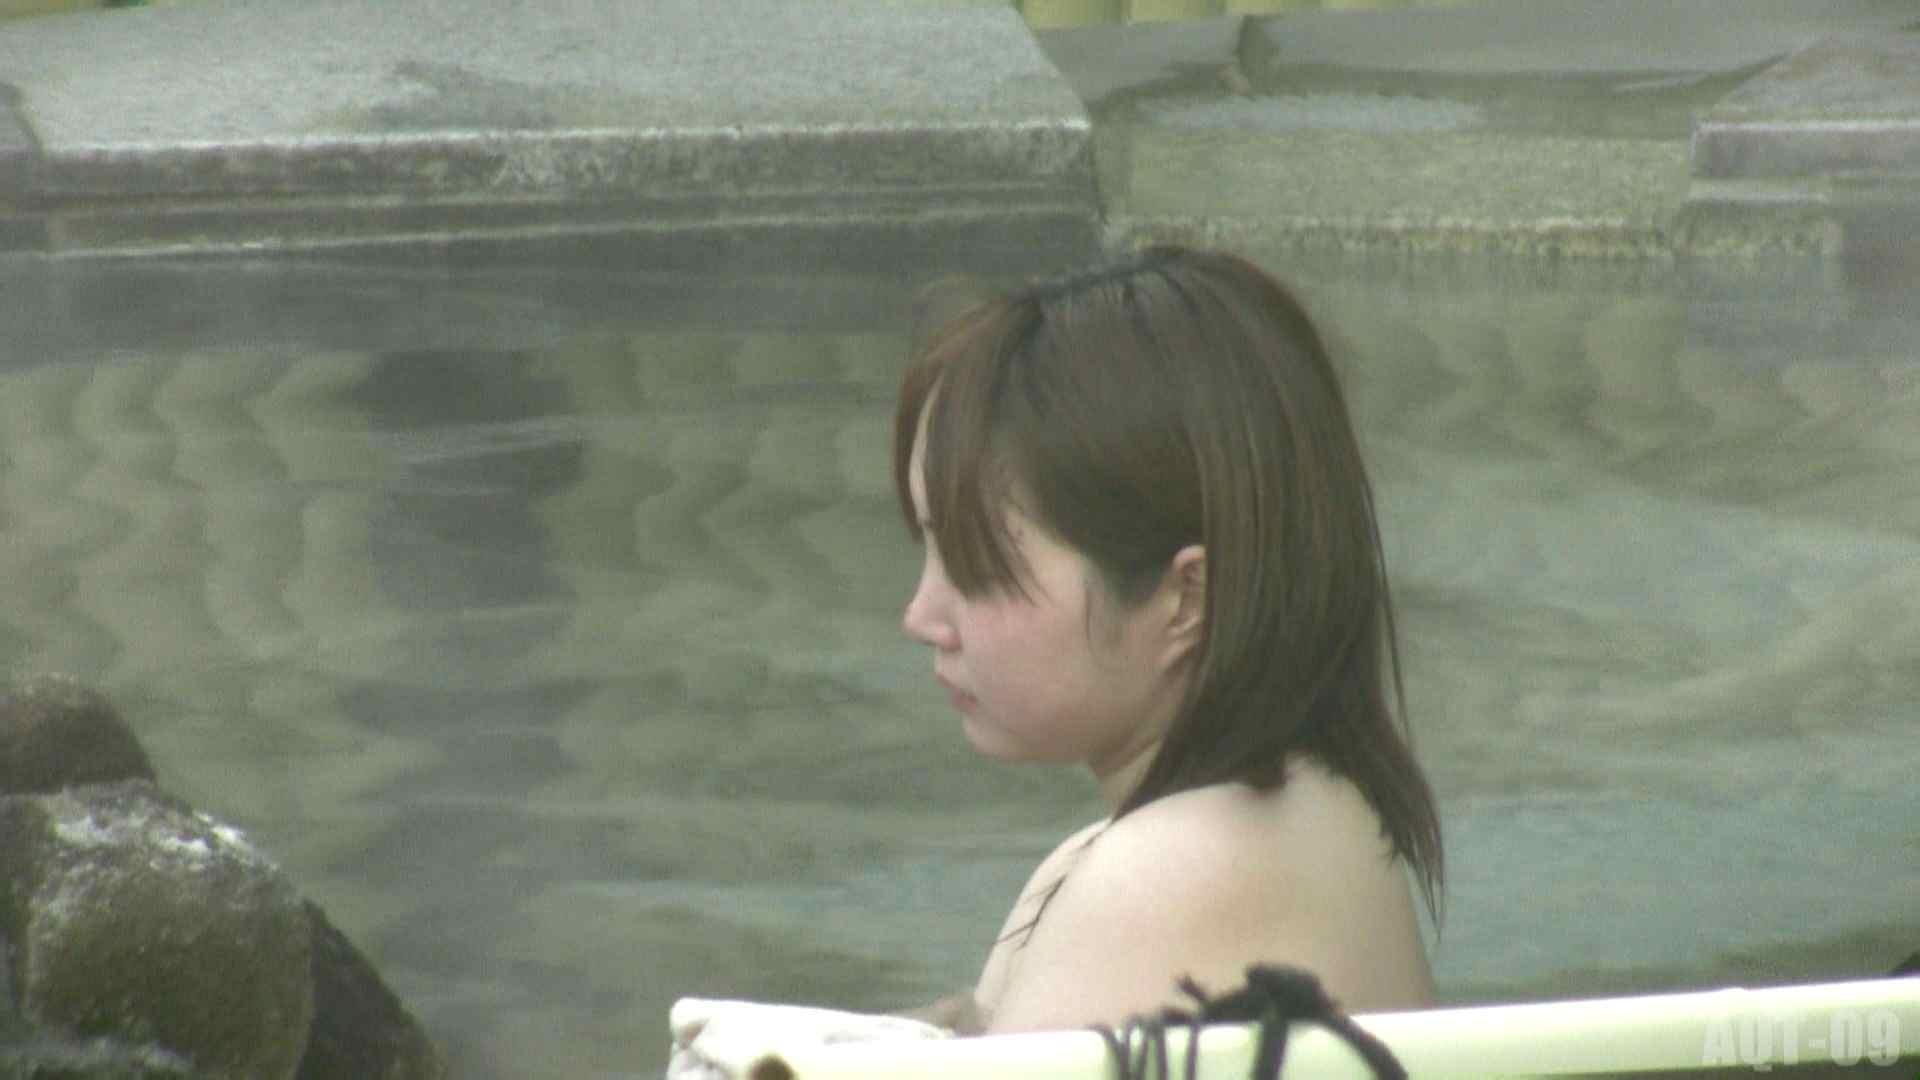 Aquaな露天風呂Vol.781 盗撮   露天  110画像 43